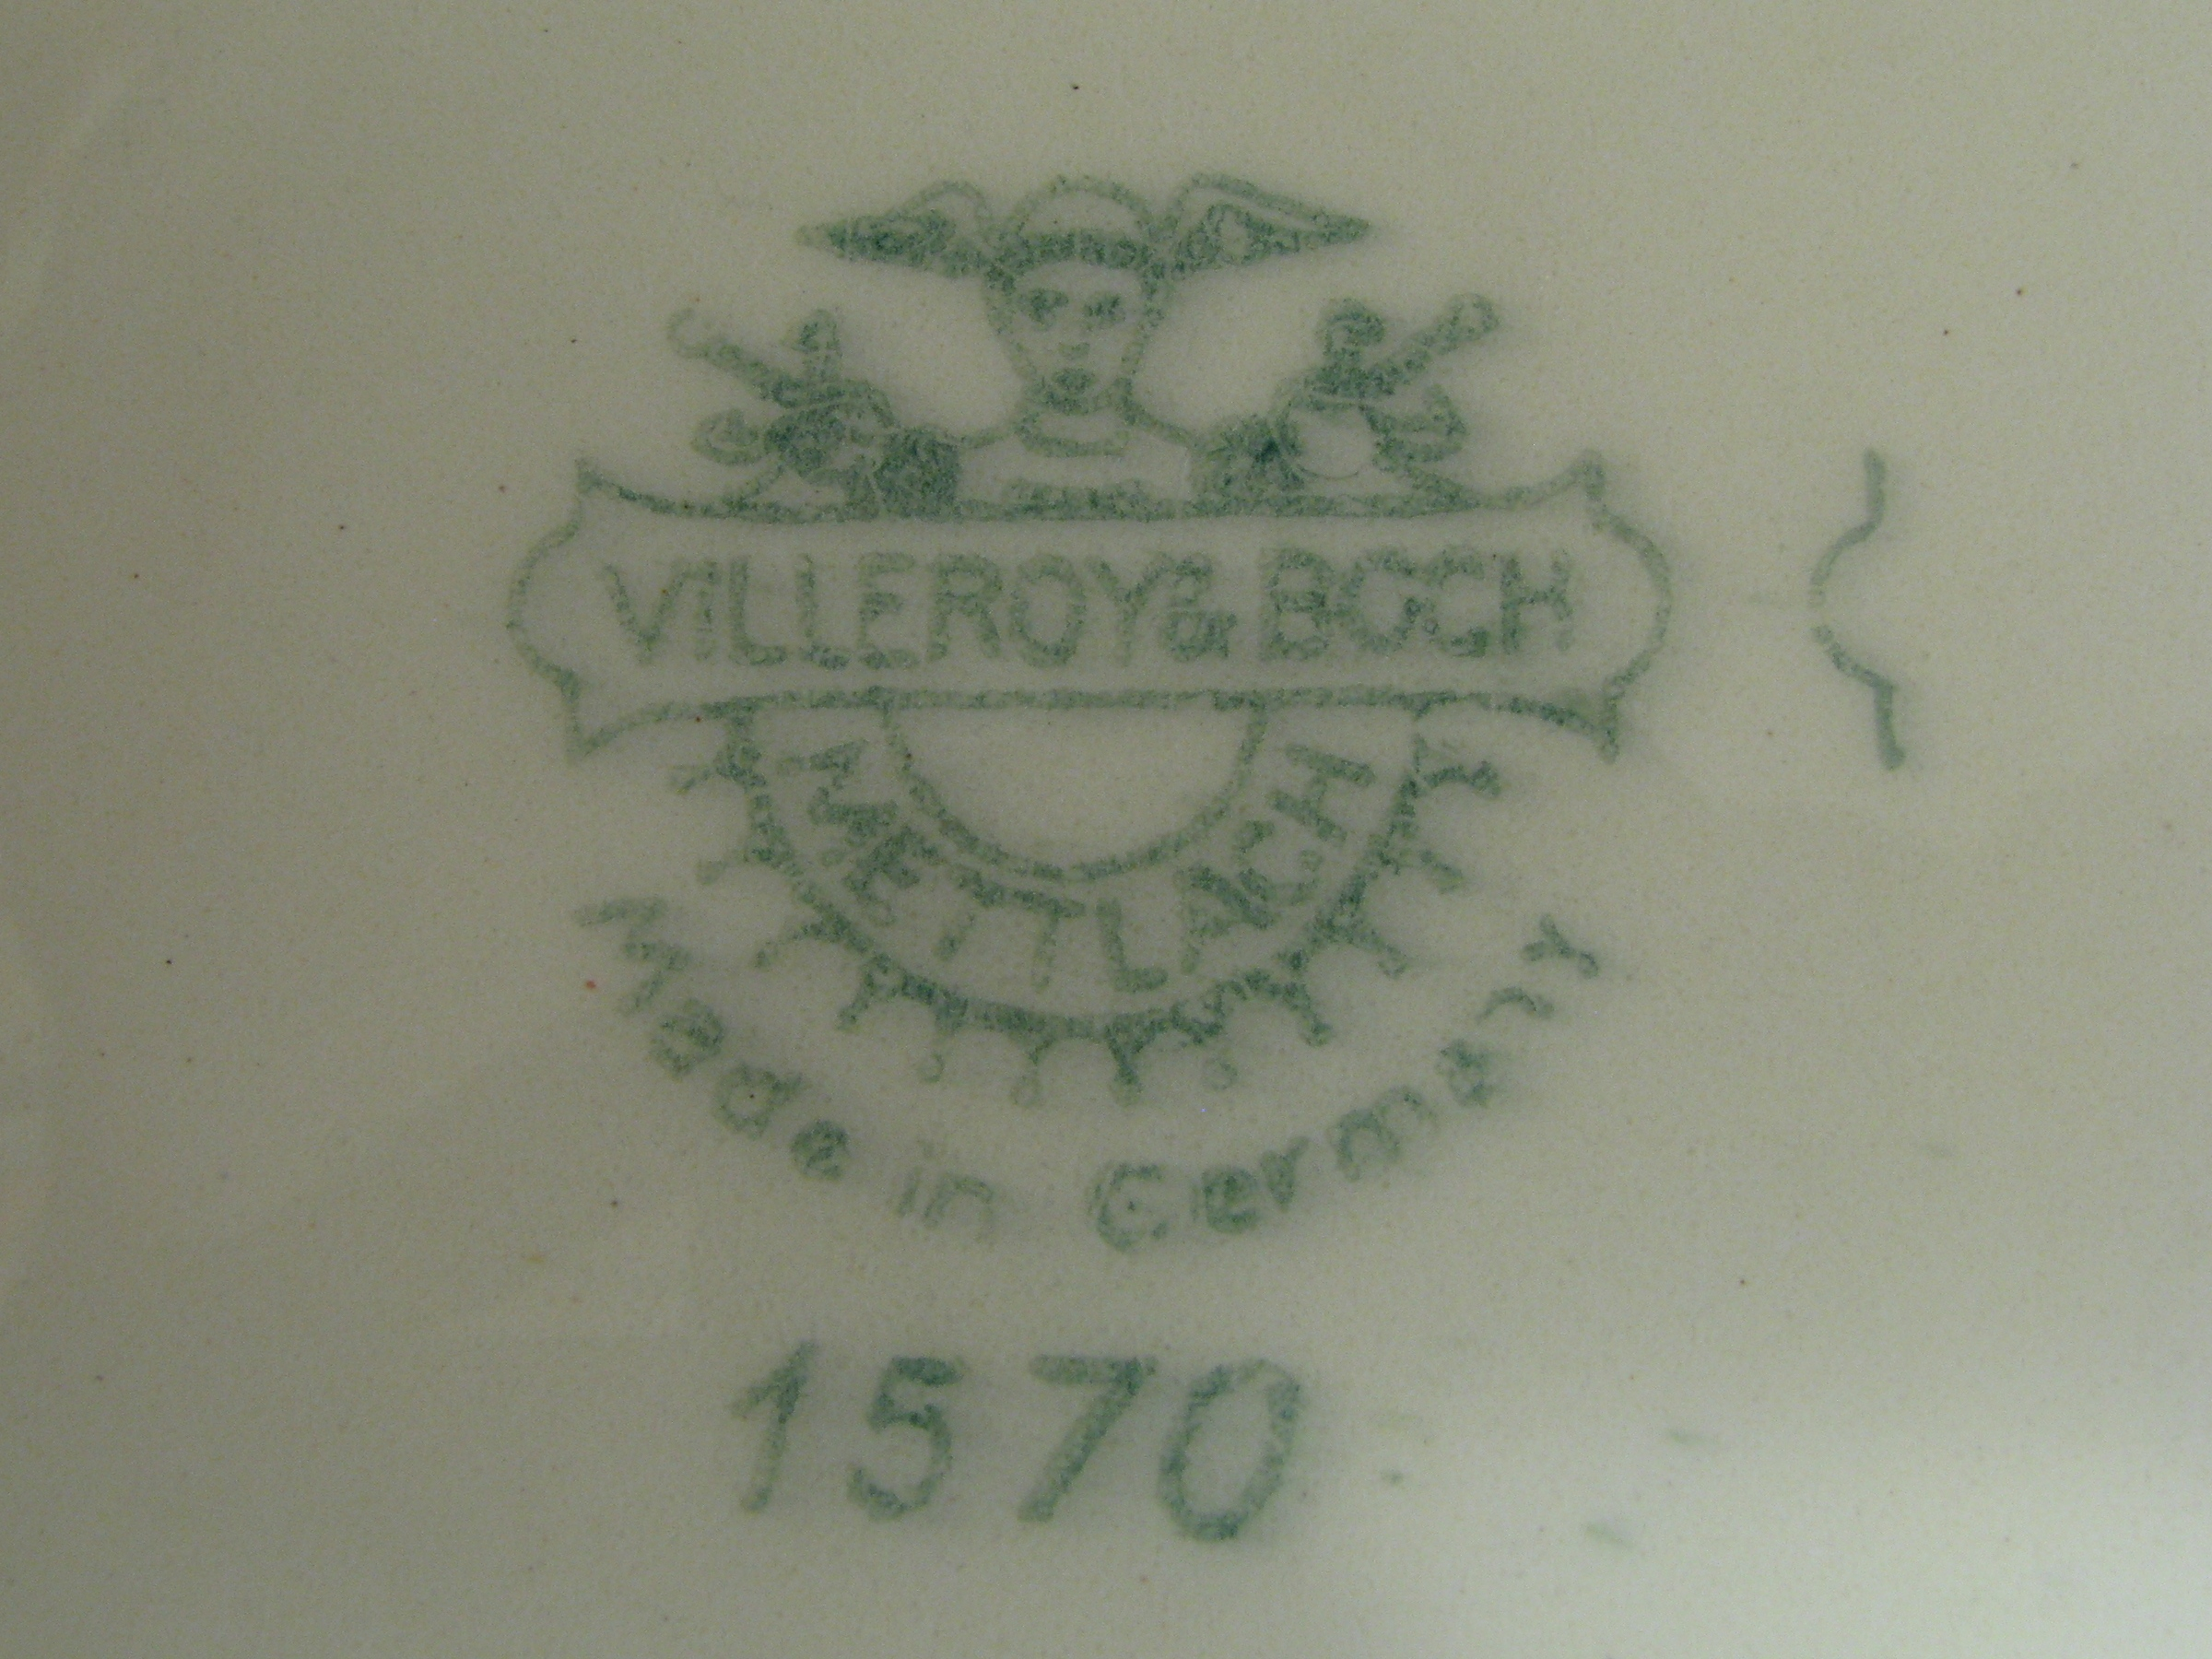 File:Villeroy & Boch marking.JPG - Wikimedia Commons